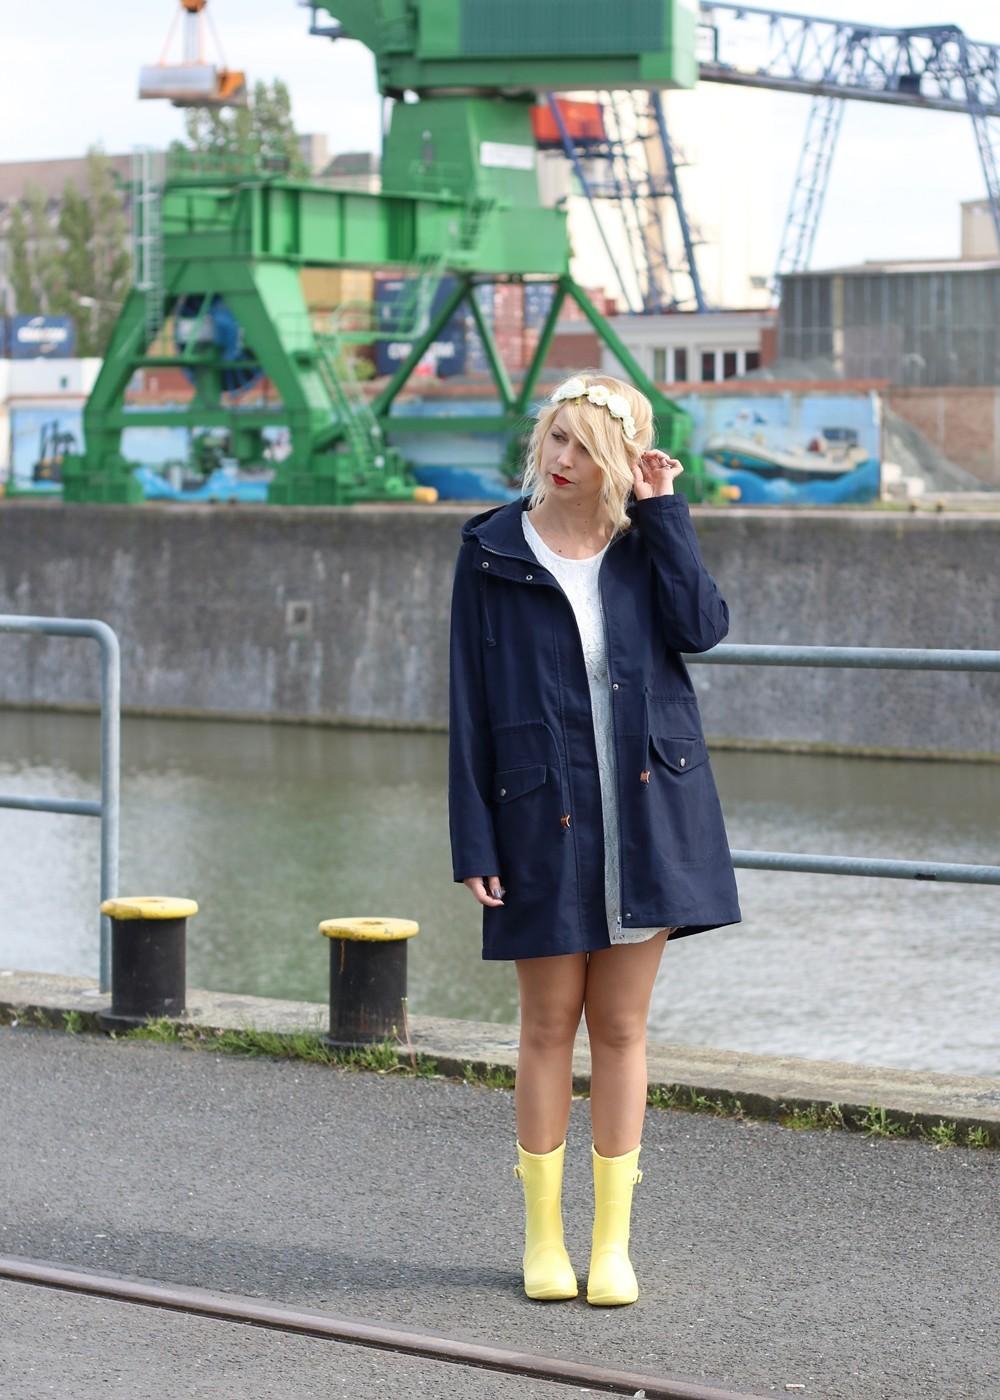 Fashionblogger Outfit Gummistiefel Asos Spitzenkleid blauer Parka Blumenhaarband (9)